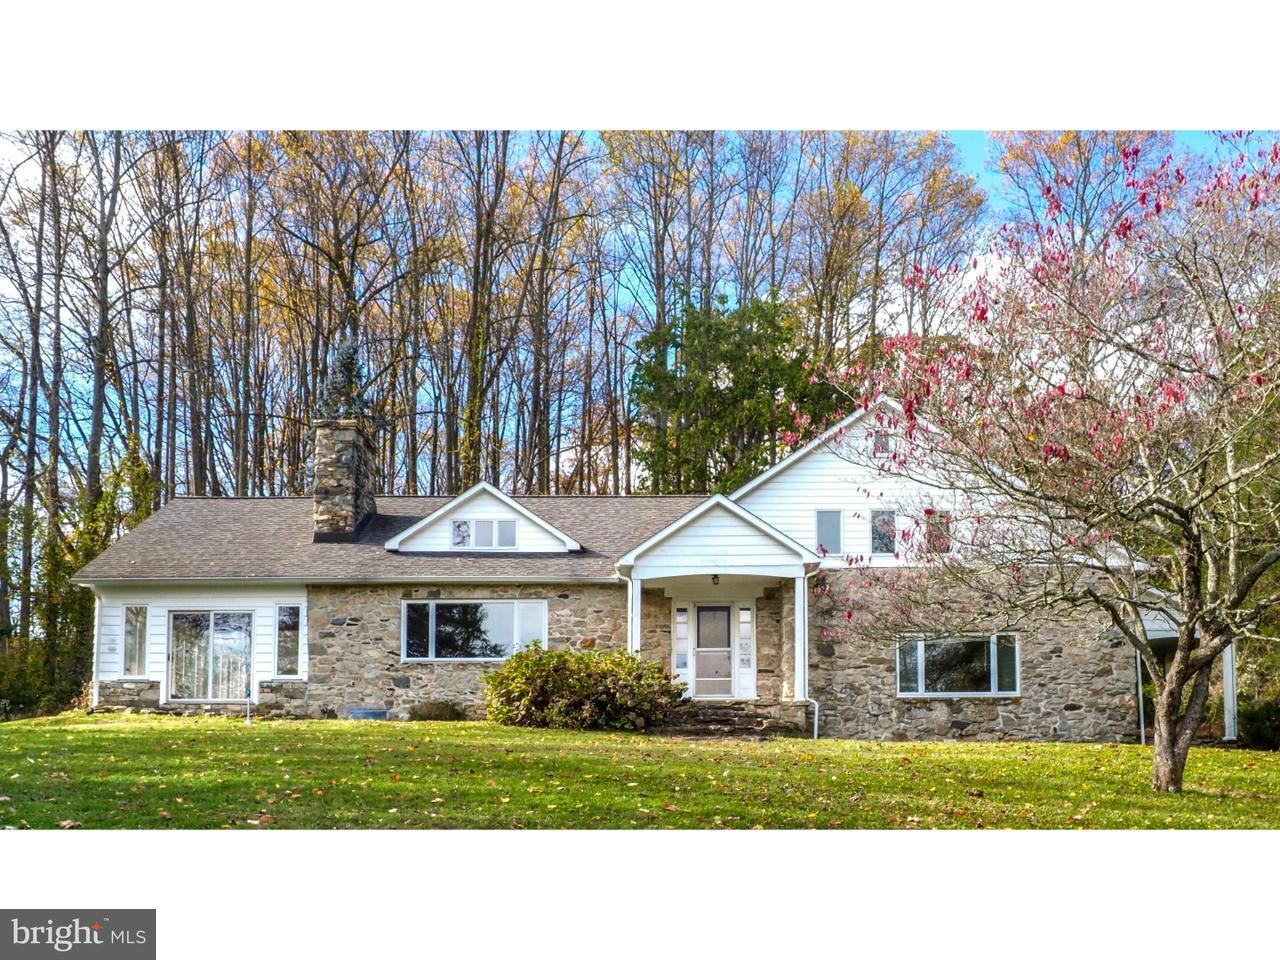 Частный односемейный дом для того Продажа на 317 LONDON TRACT Road Landenberg, Пенсильвания 19350 Соединенные Штаты